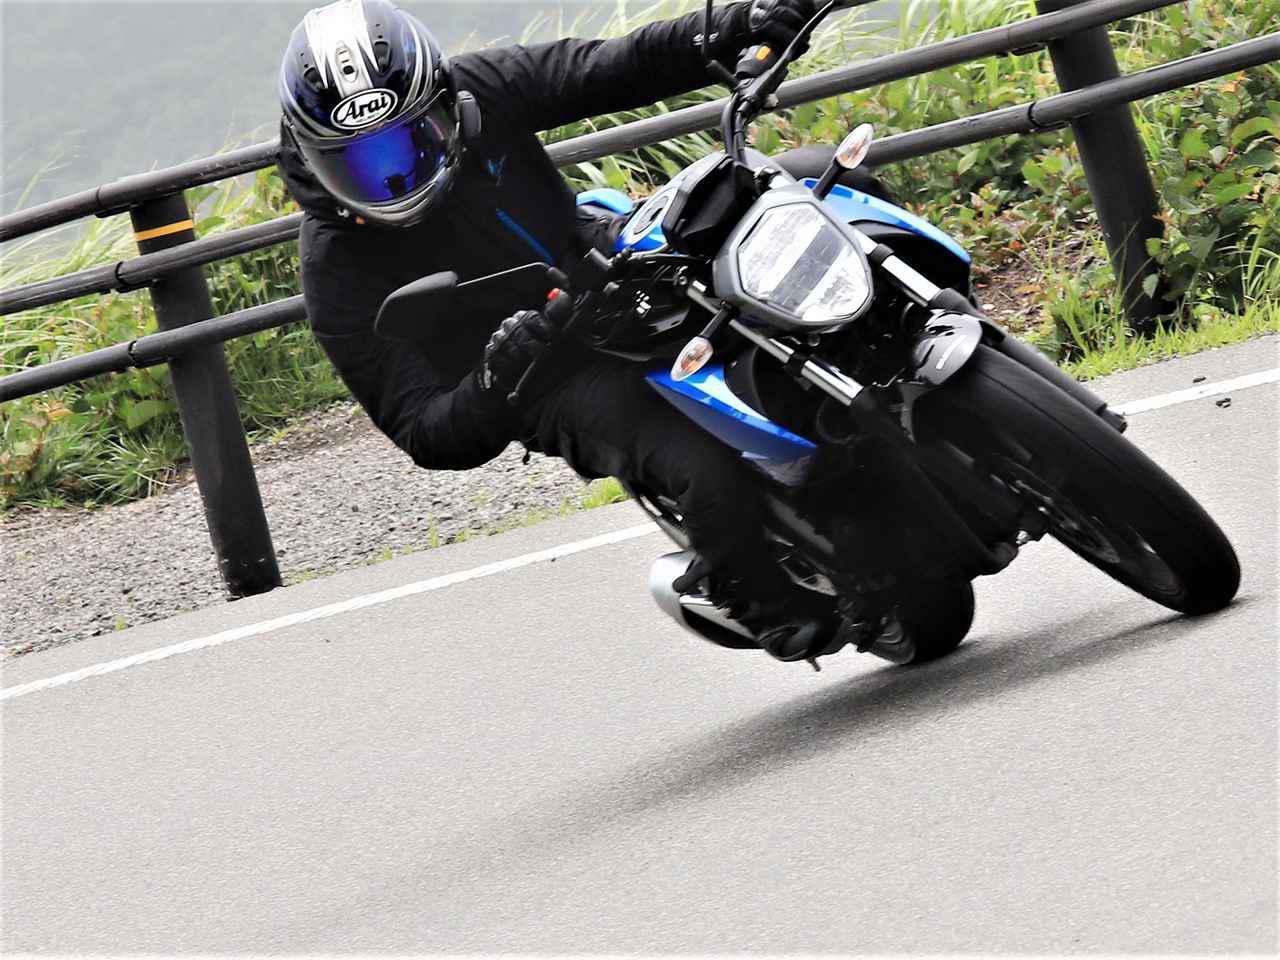 画像: 常識外の燃費性能。スポーツバイクとしても完成度高め!/ジクサー 150